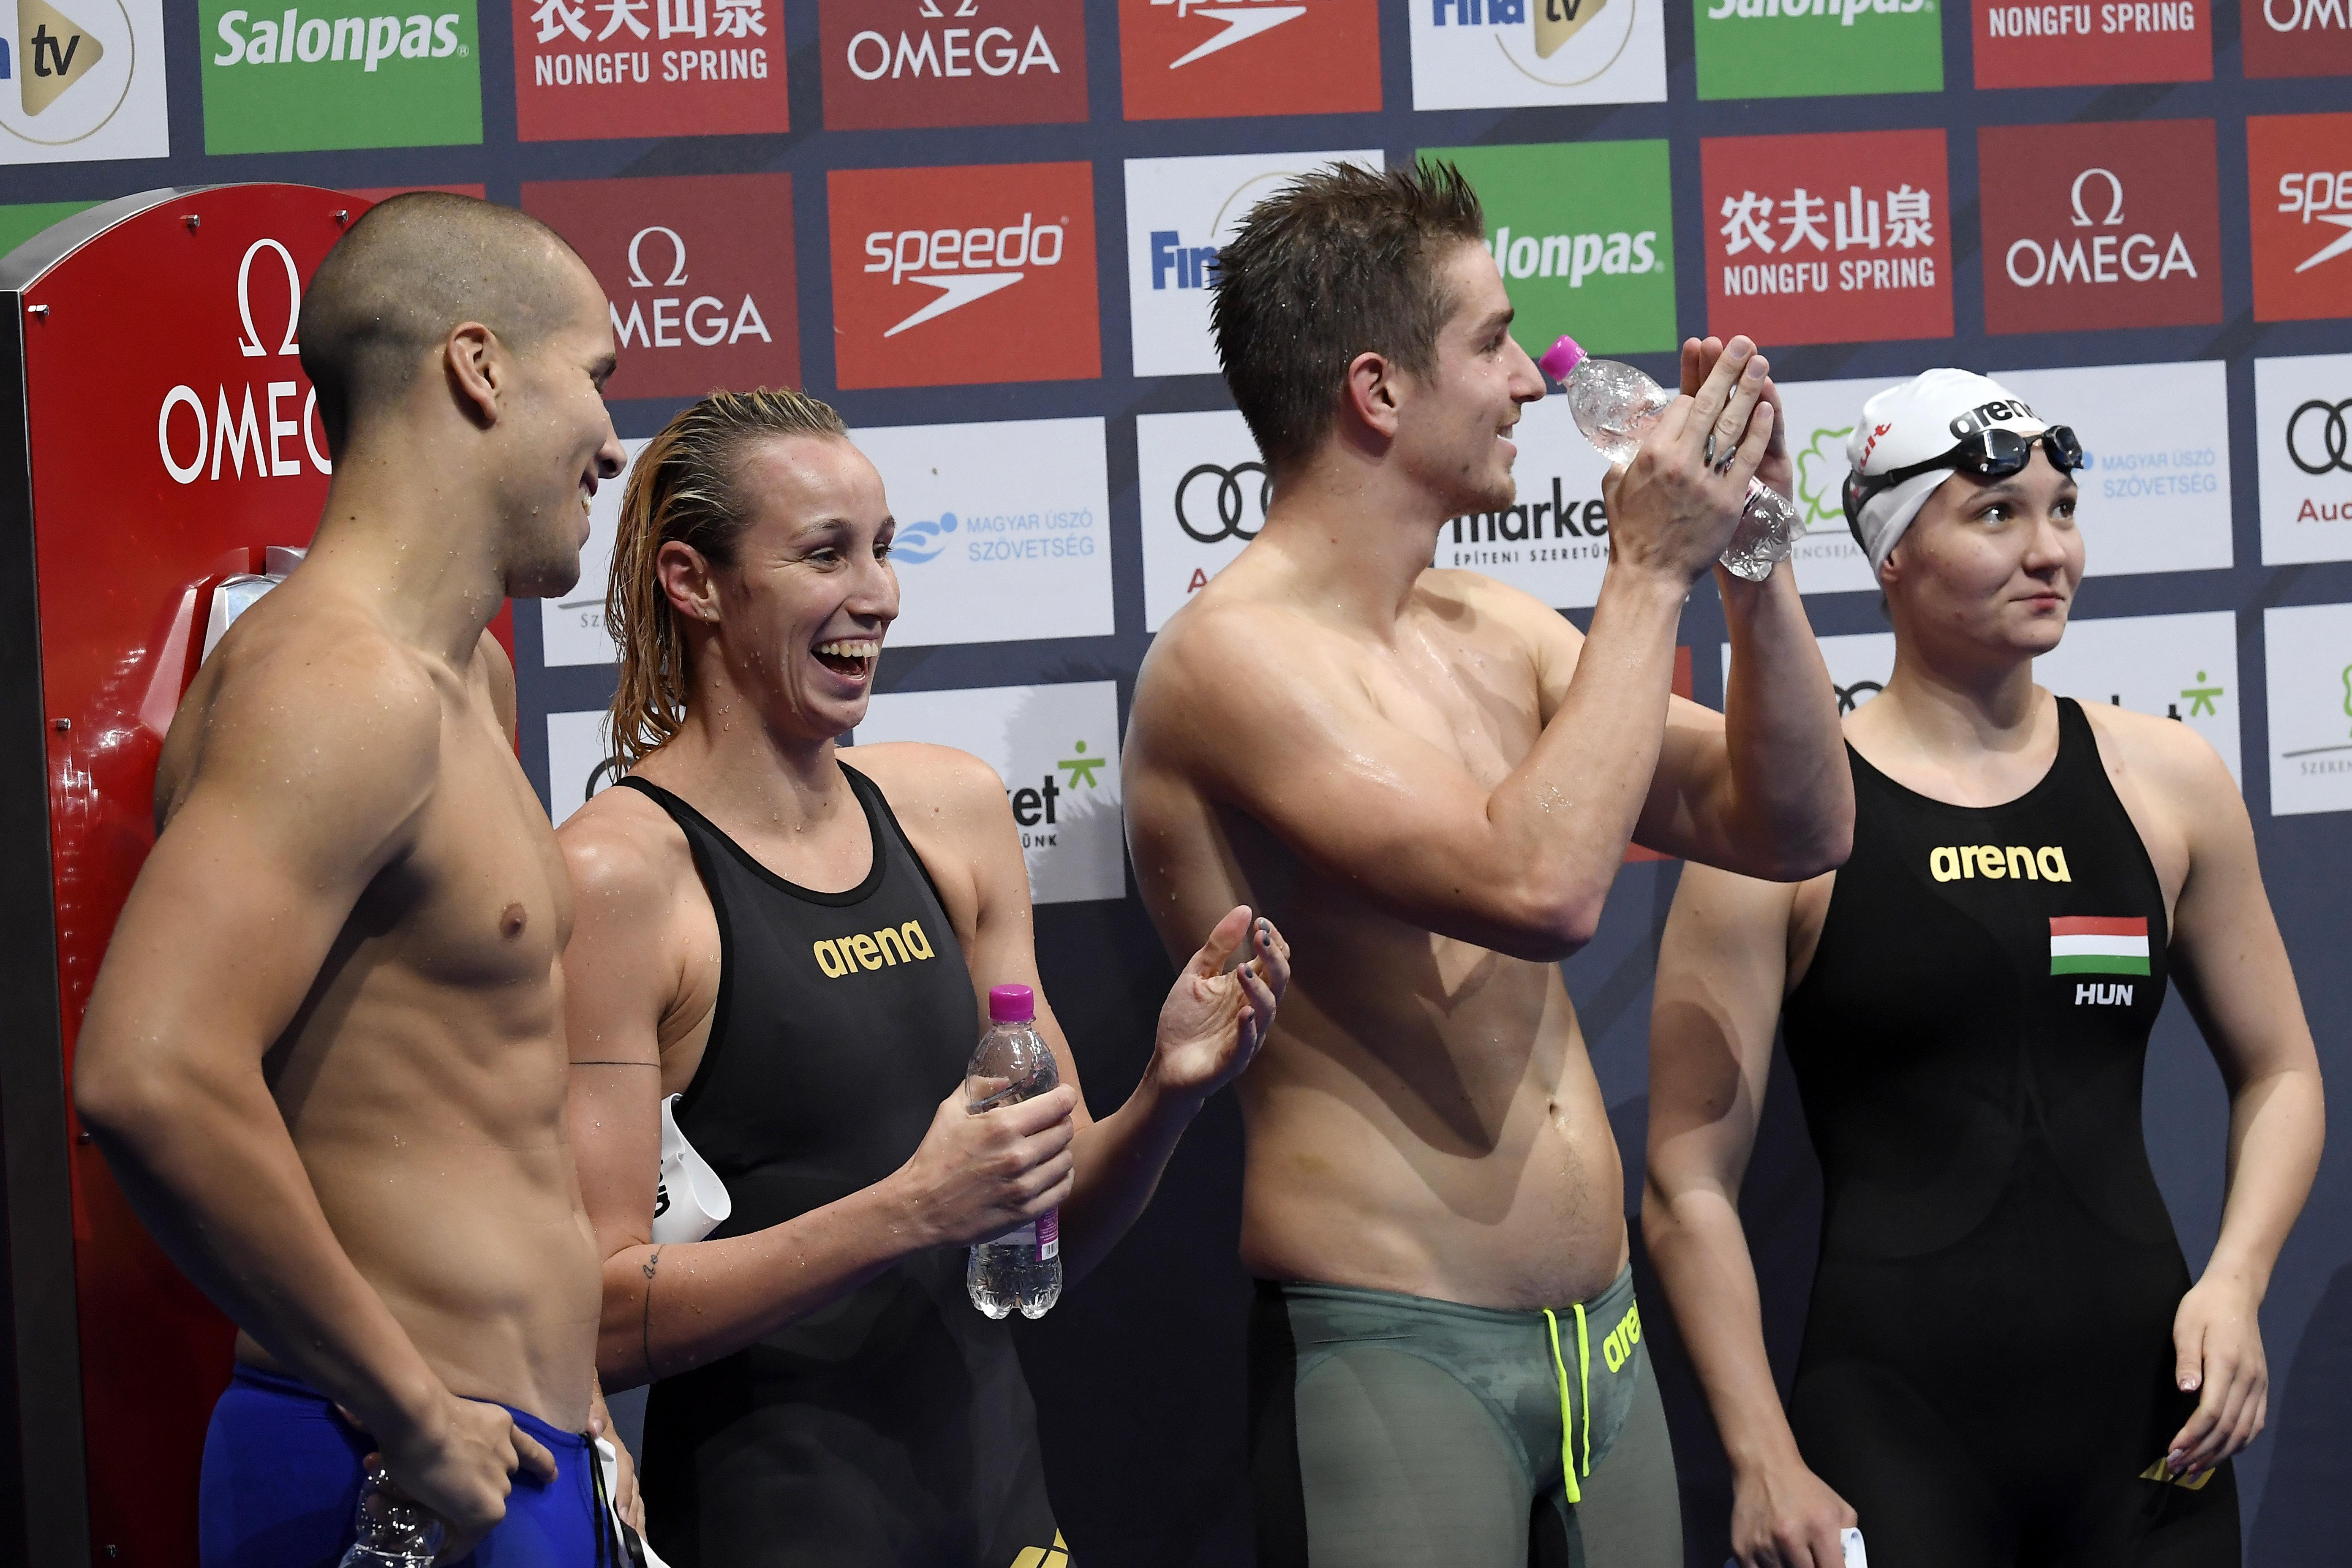 Négy magyar győzelem az úszóvilágkupa utolsó napján a Duna Arénában